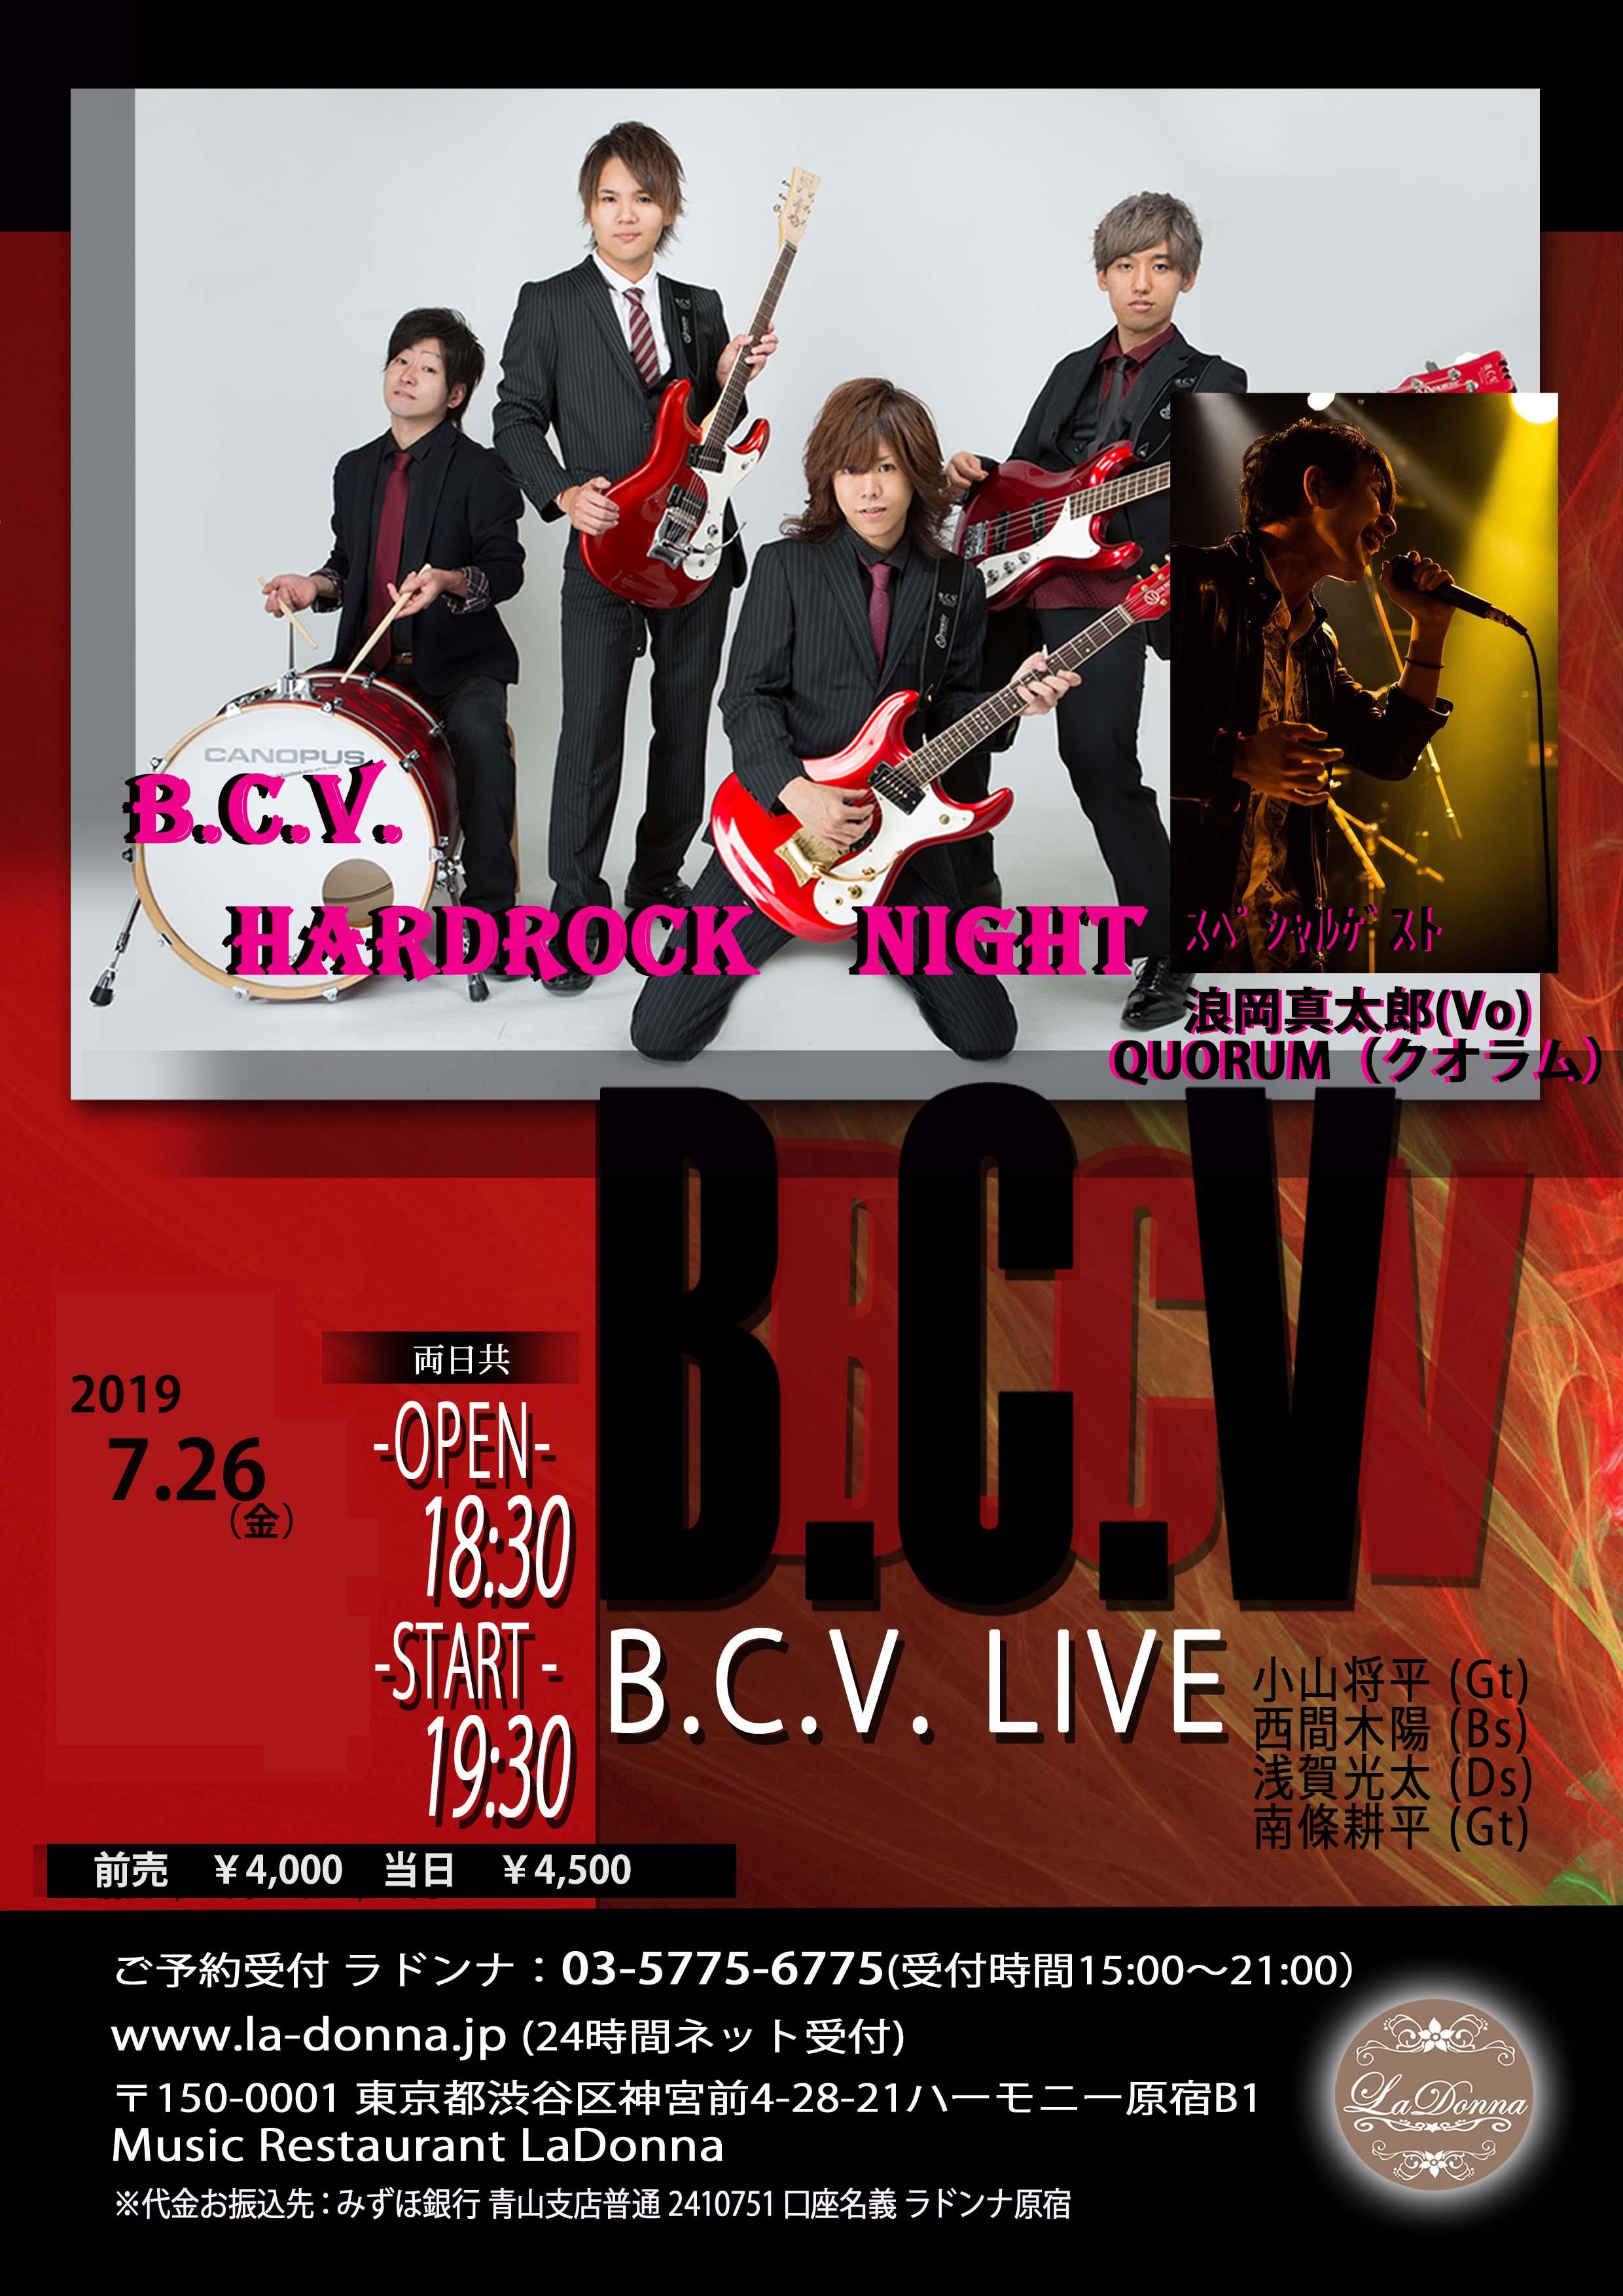 B.C.V. HARD ROCK NIGHT